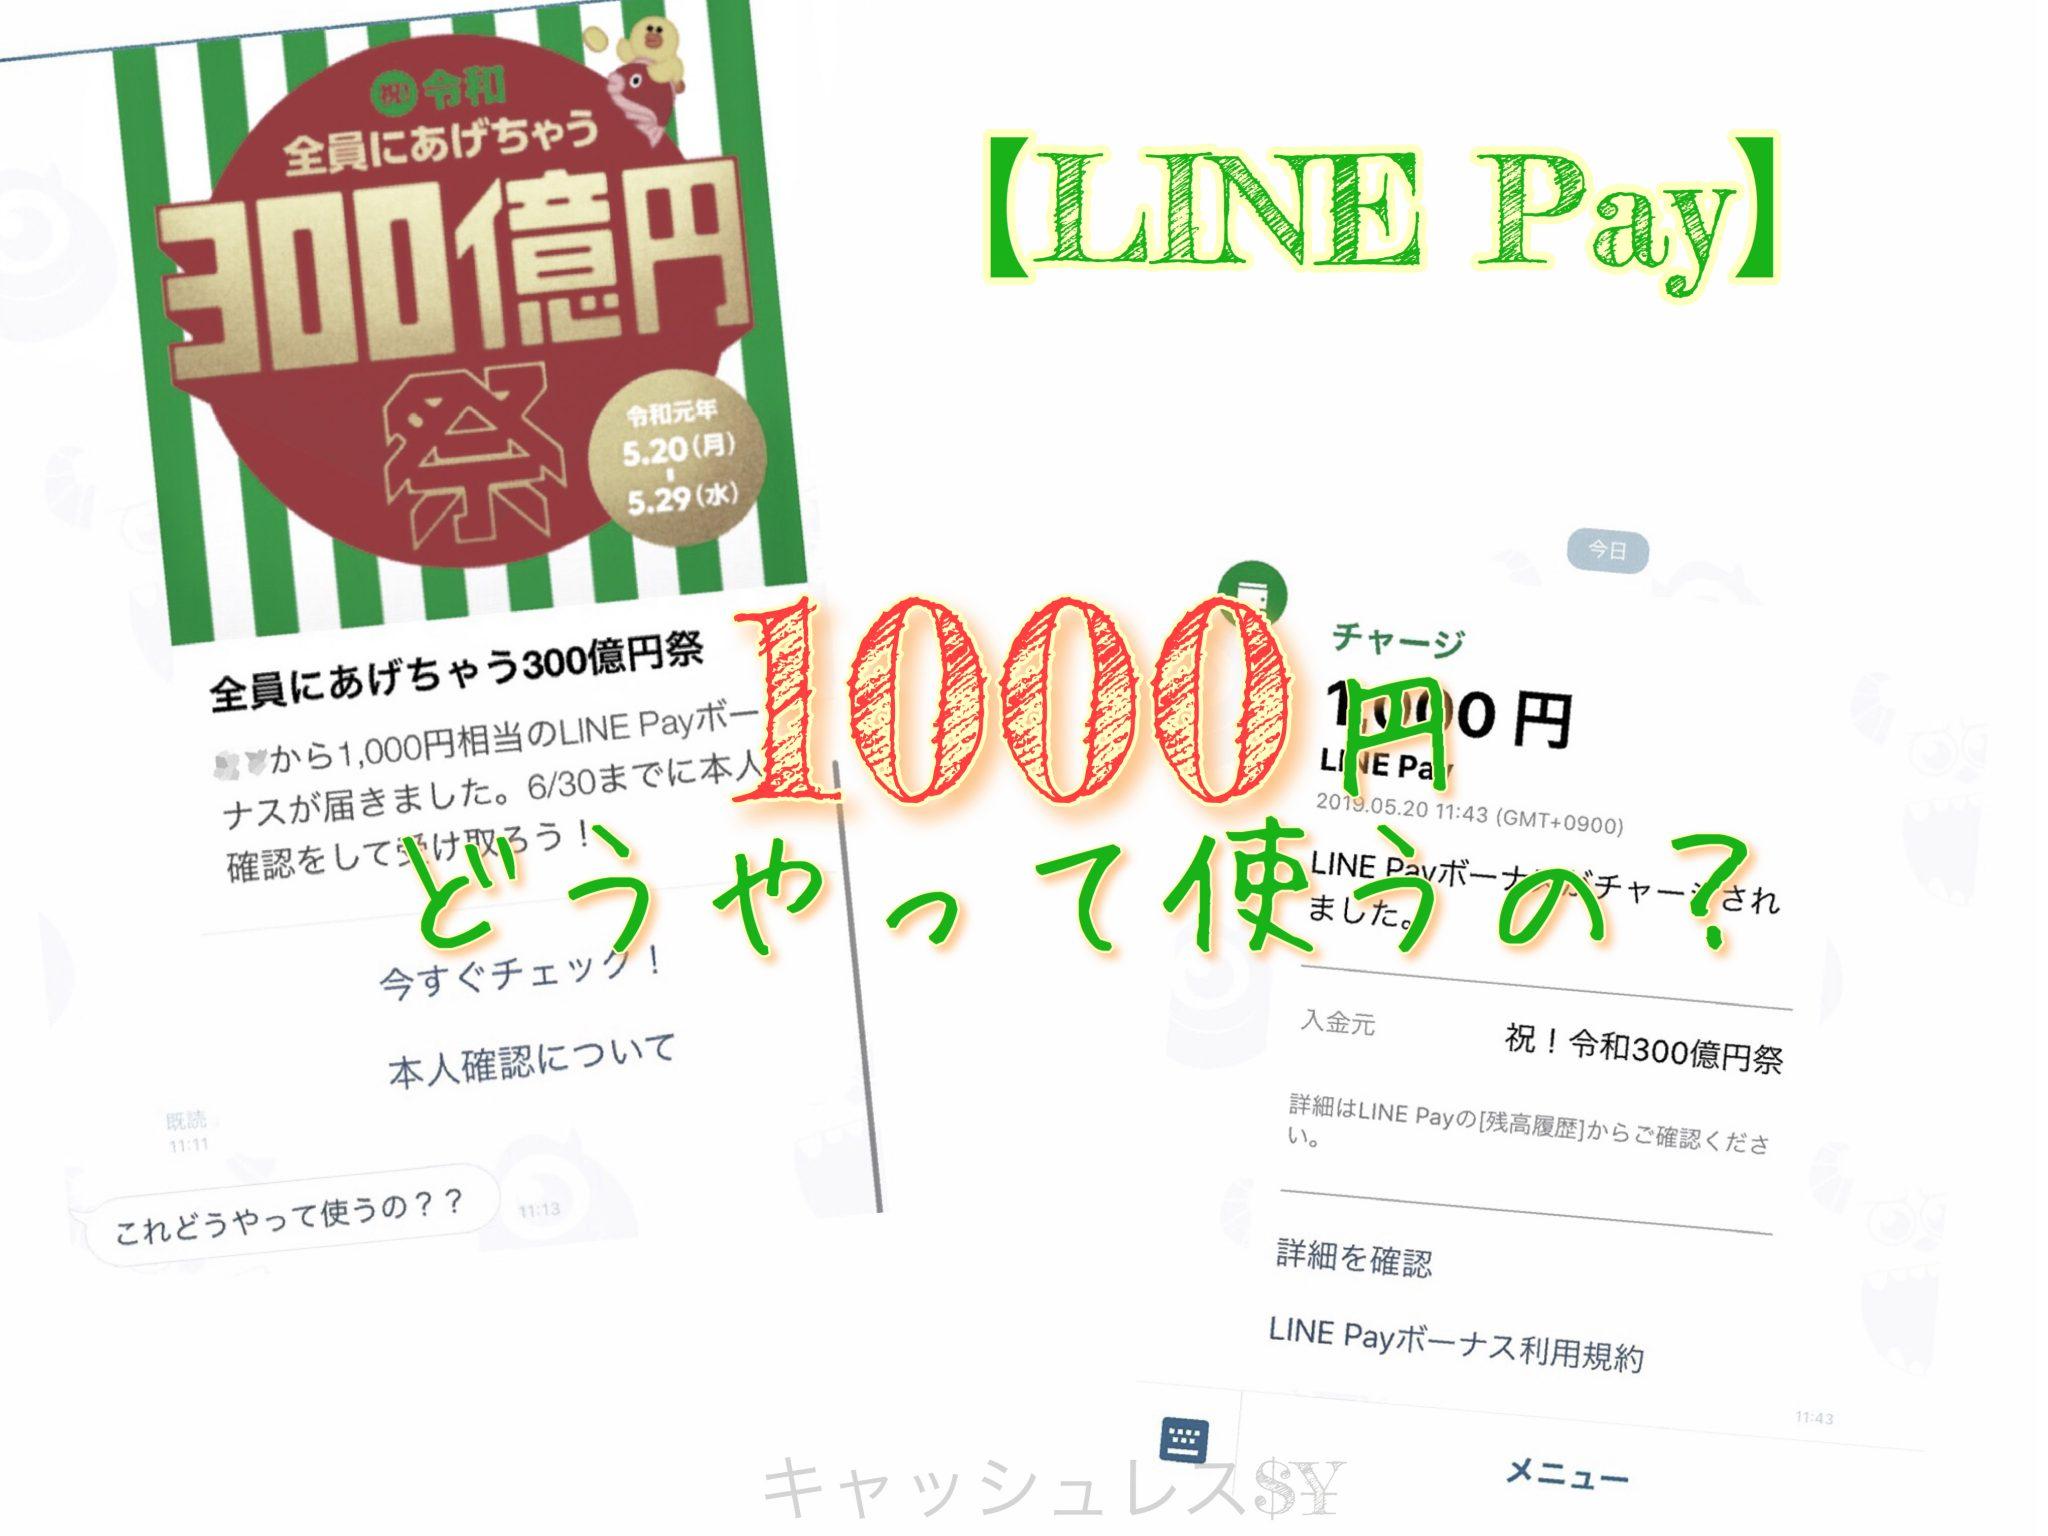 【LINE Pay300億円キャンペーン】1000円はどうやって使うの?